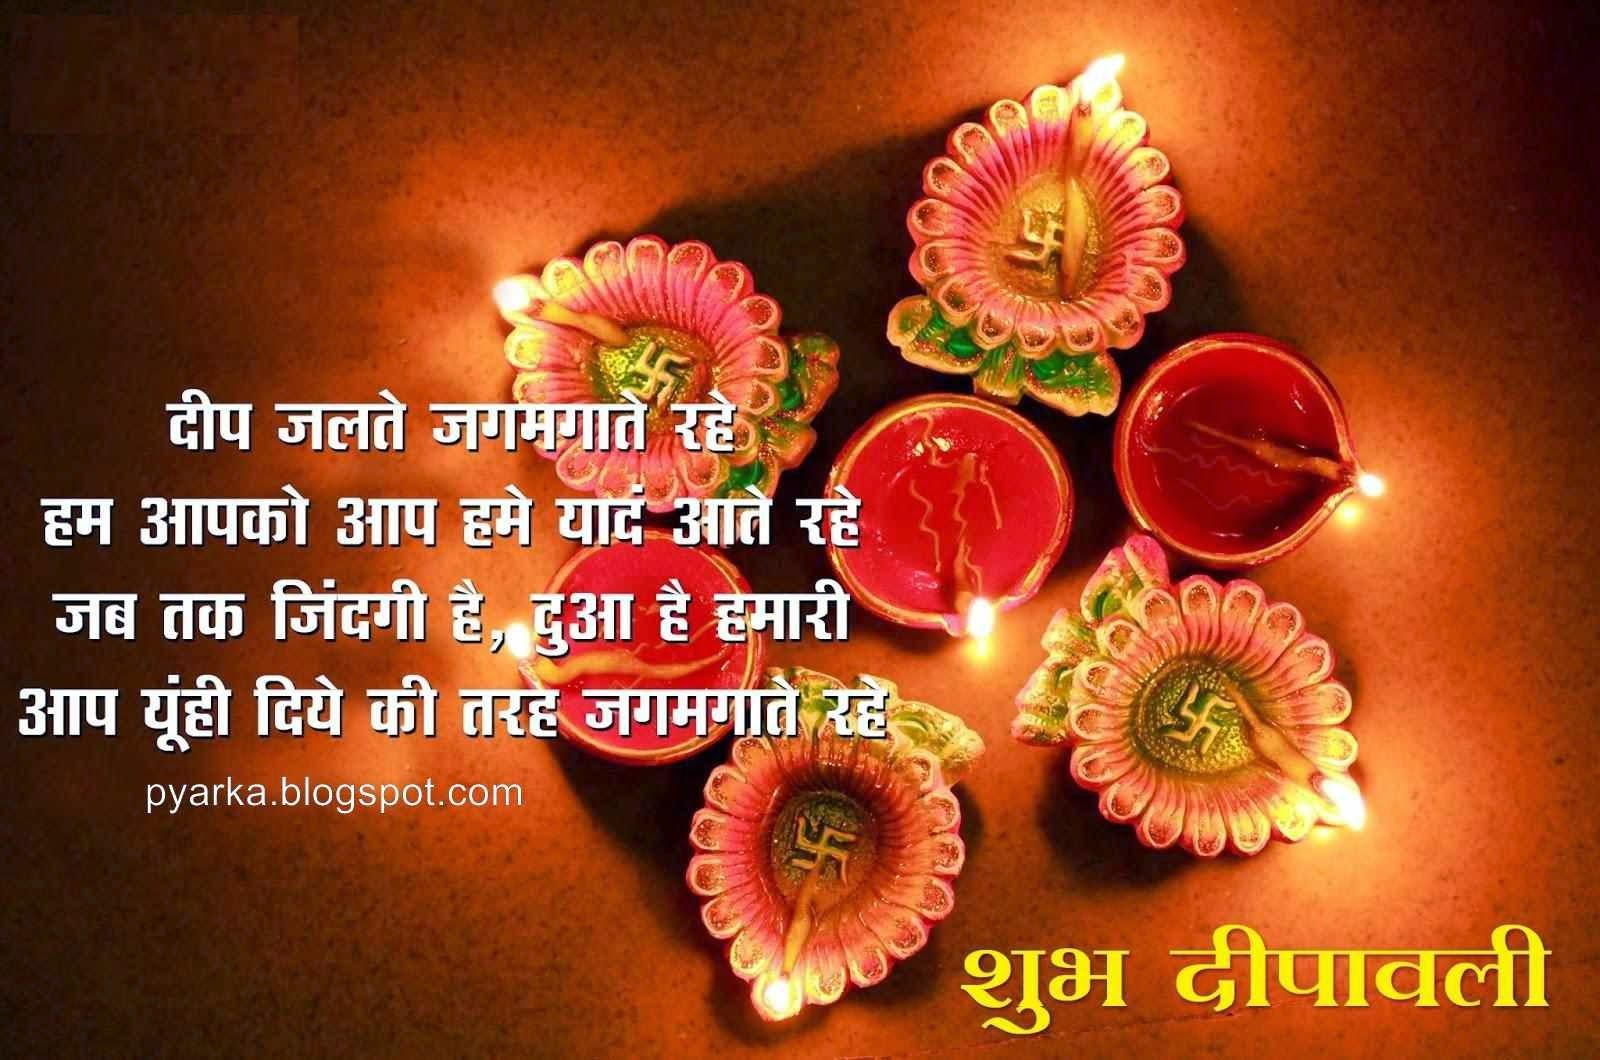 Quotes On Diwali In Hindi Language Facebook thumbnail